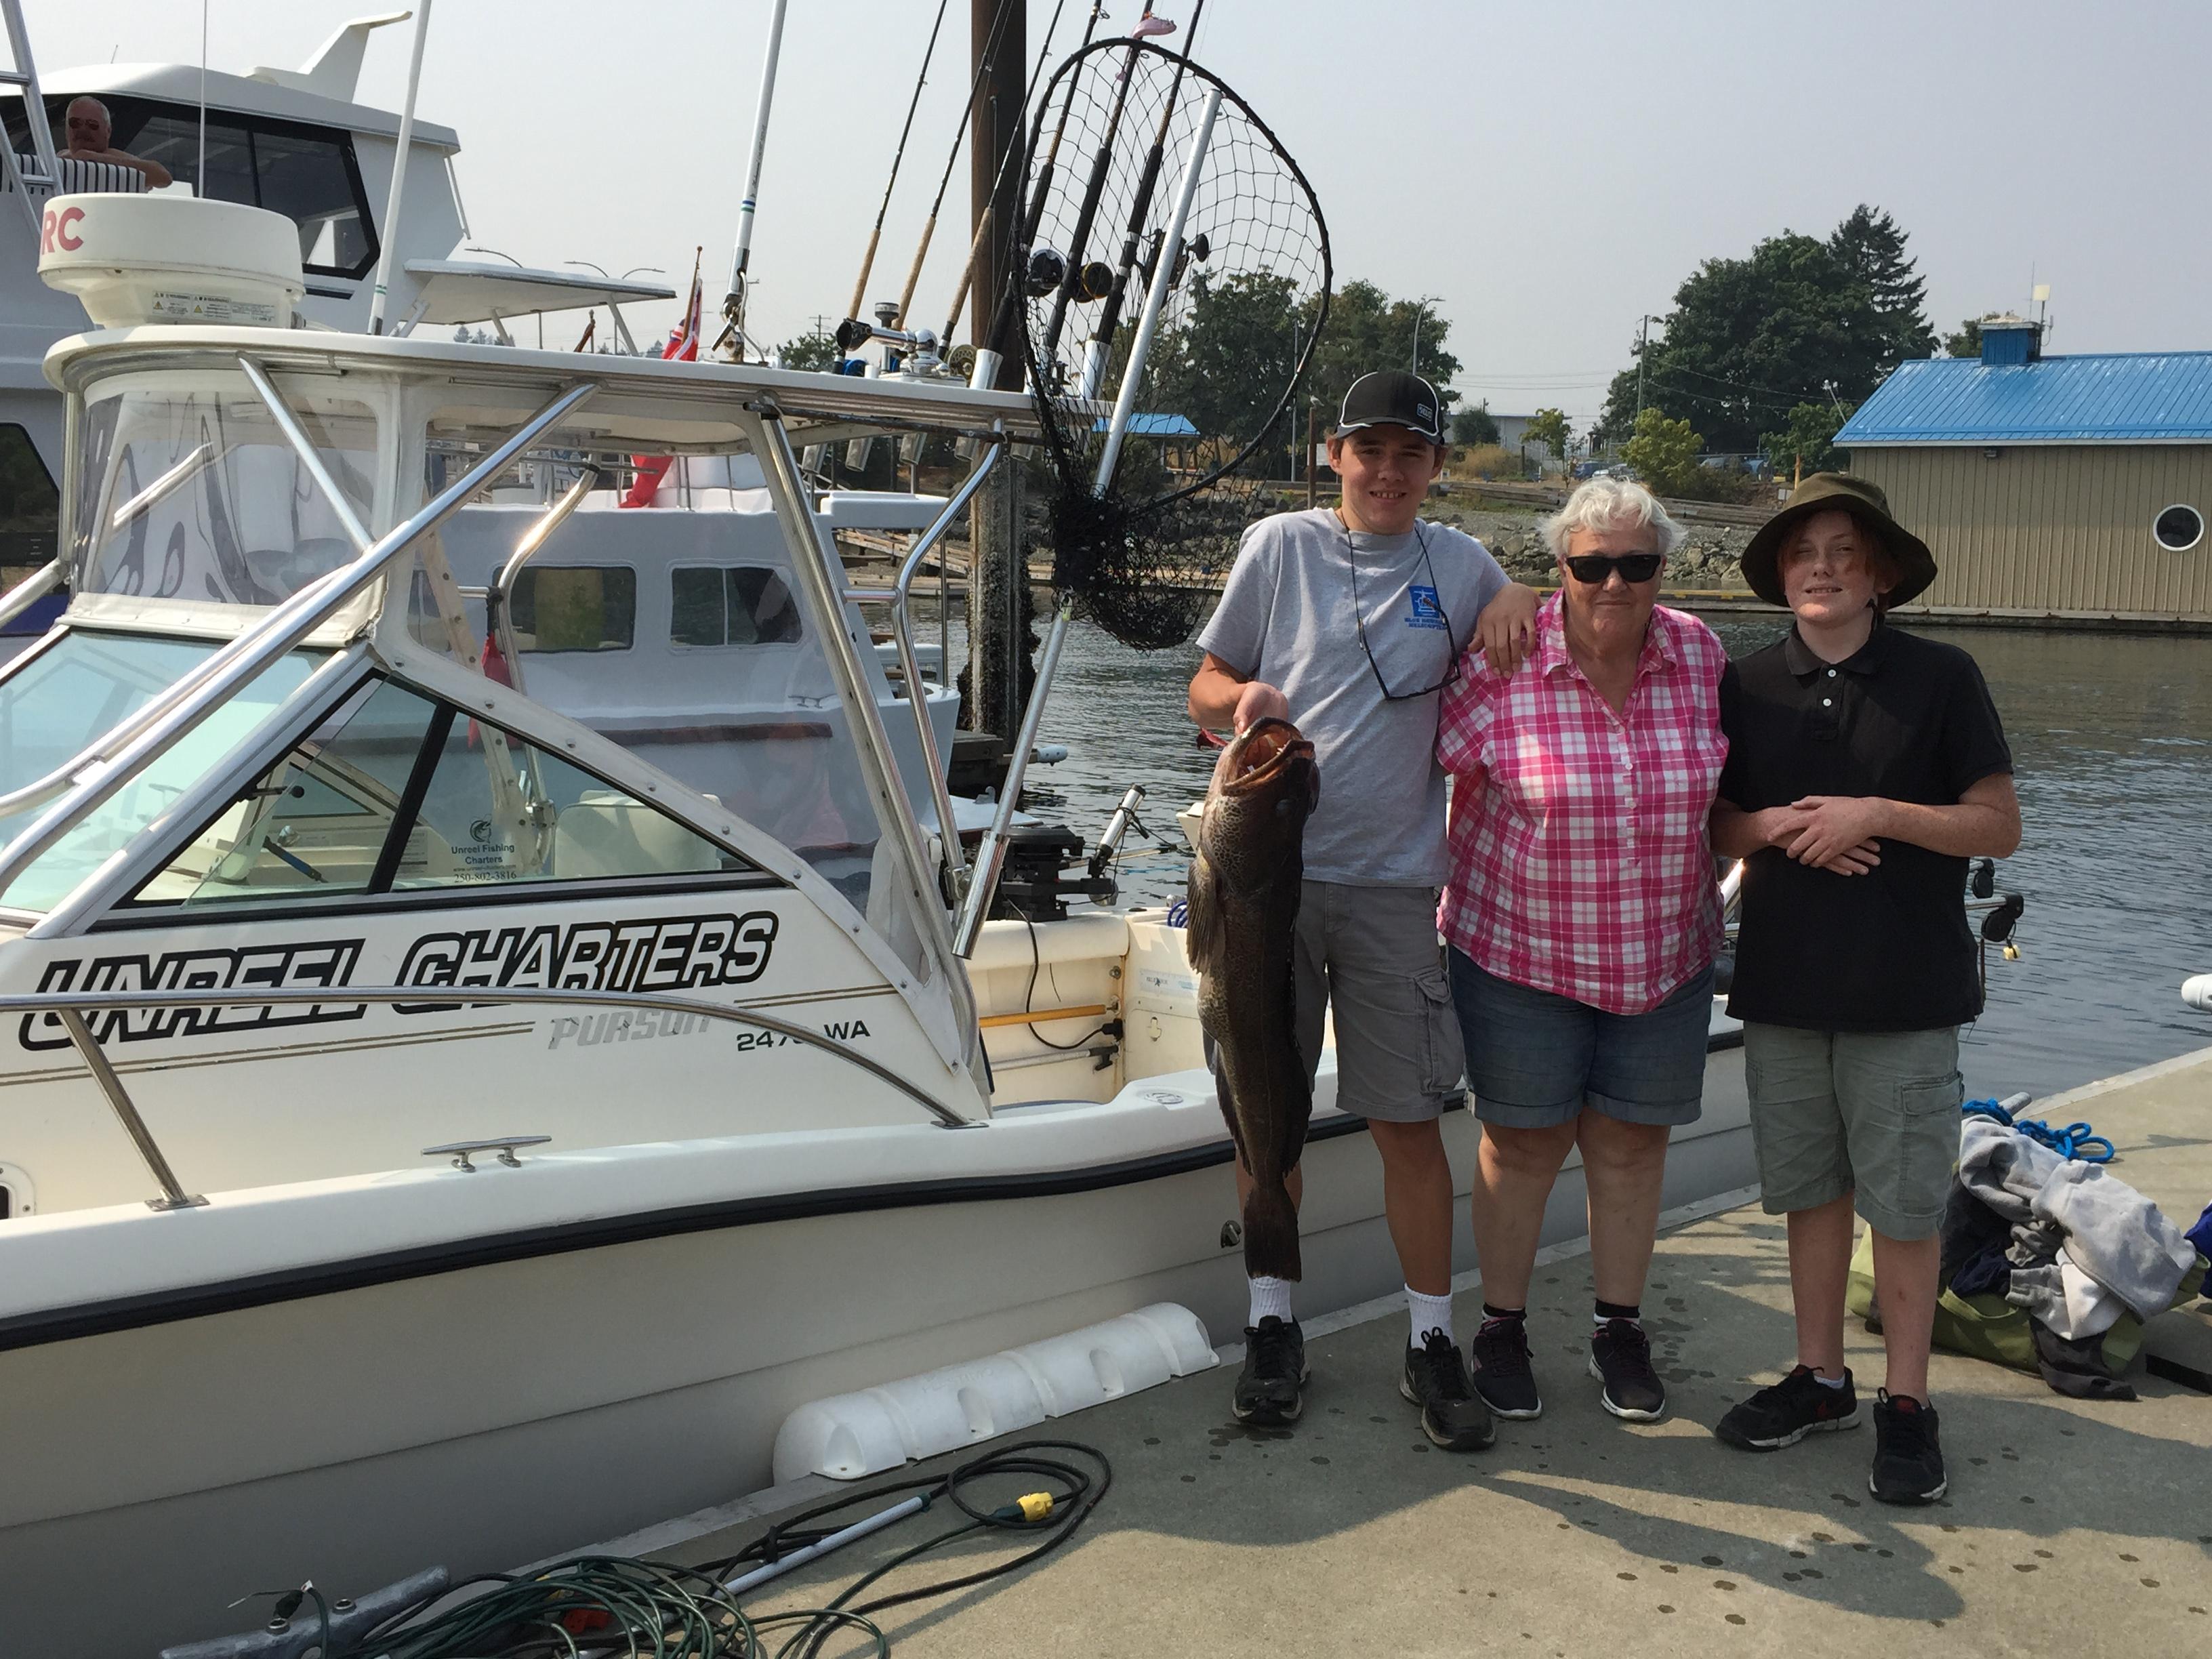 Lingcod nanaimo fishing charters